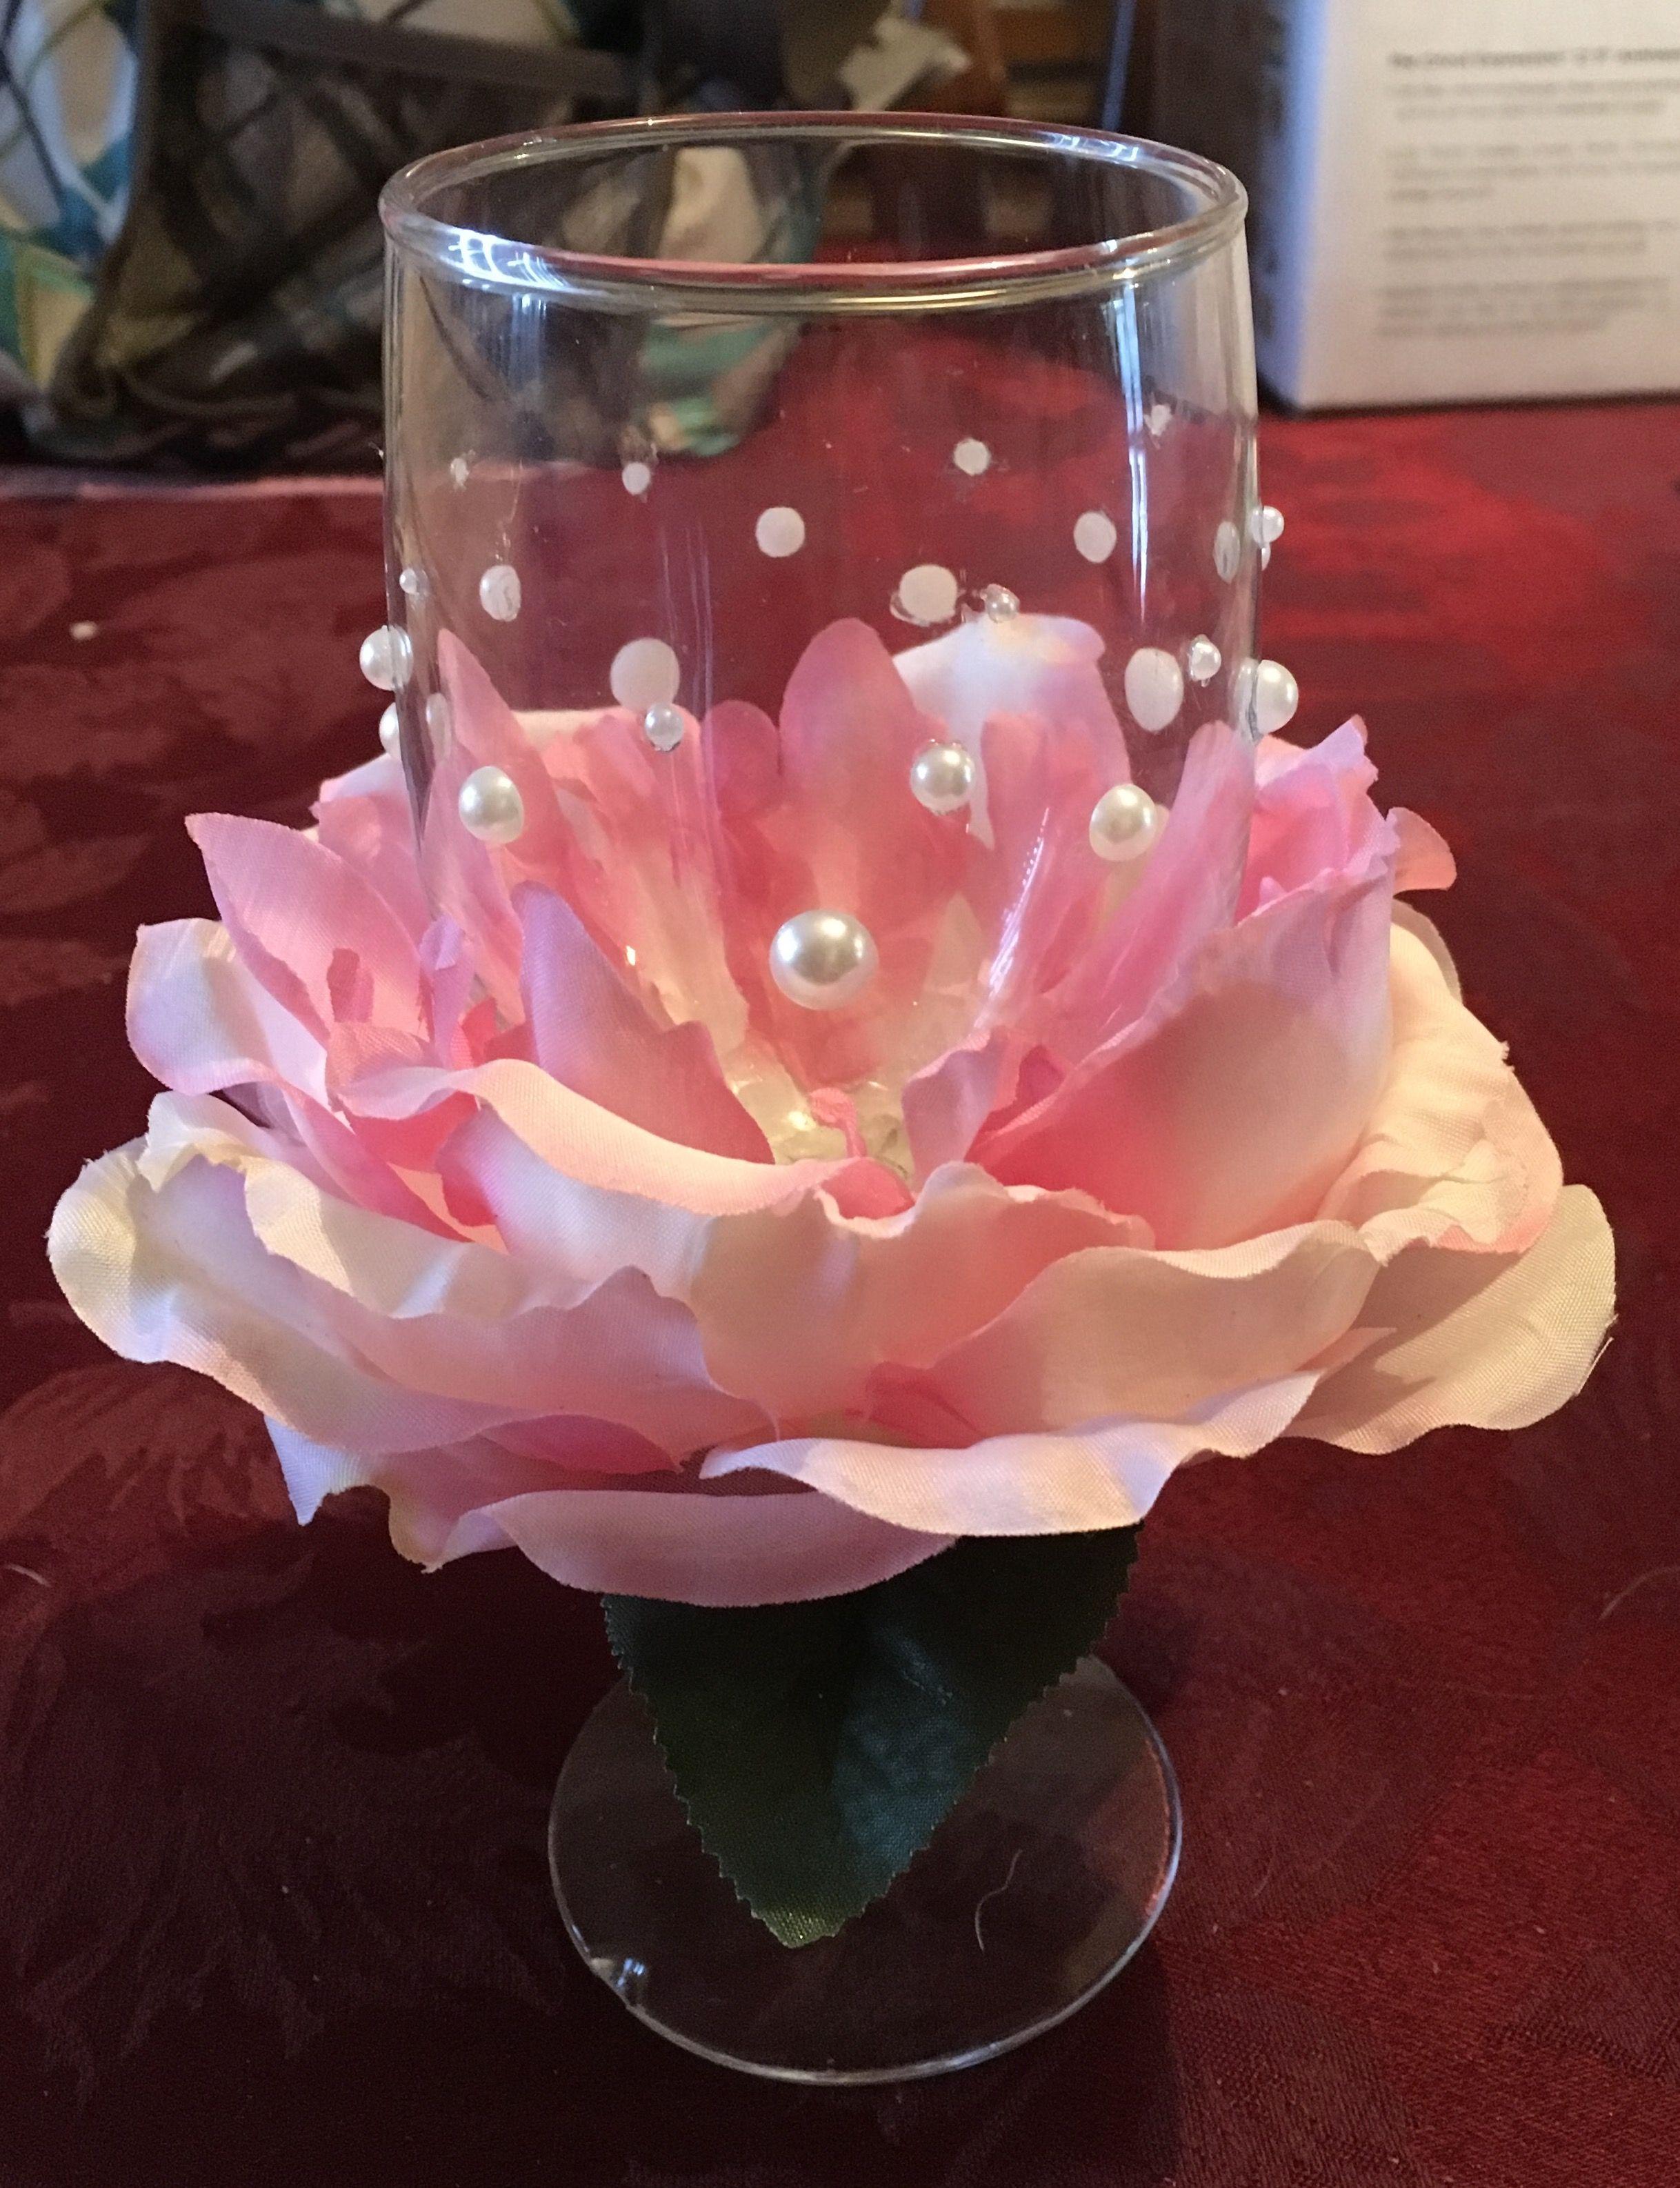 Rose Petal Wine Glass Wine Glass Decor Decorated Wine Glasses Valentine Decorations